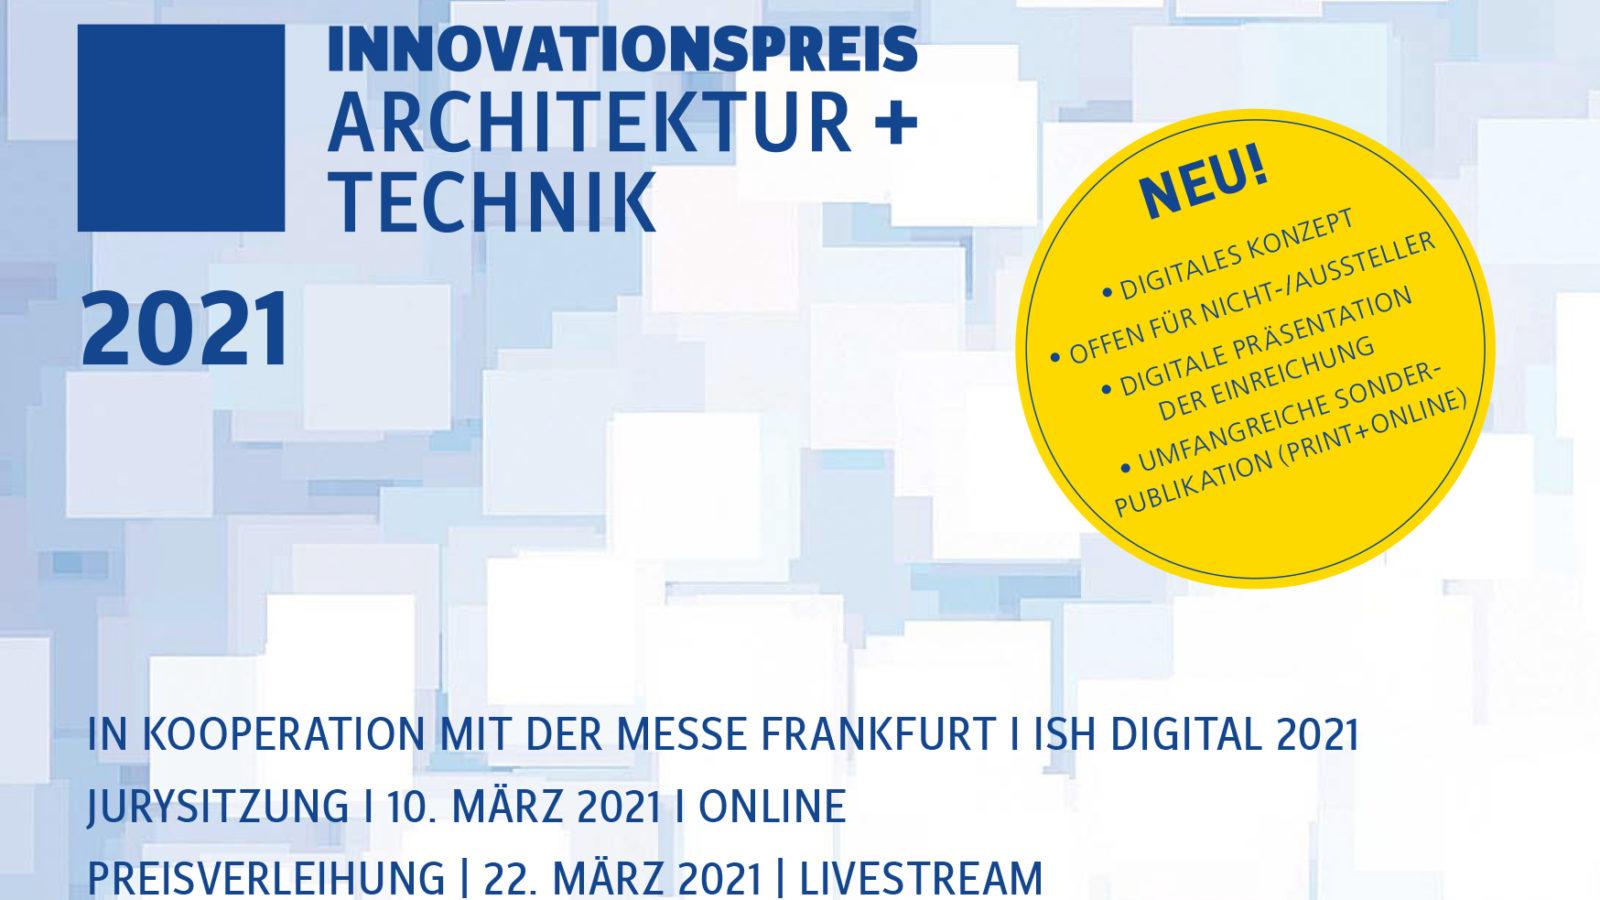 Innovationspreis Architektur+ Technik 2021 - jetzt anmelden!